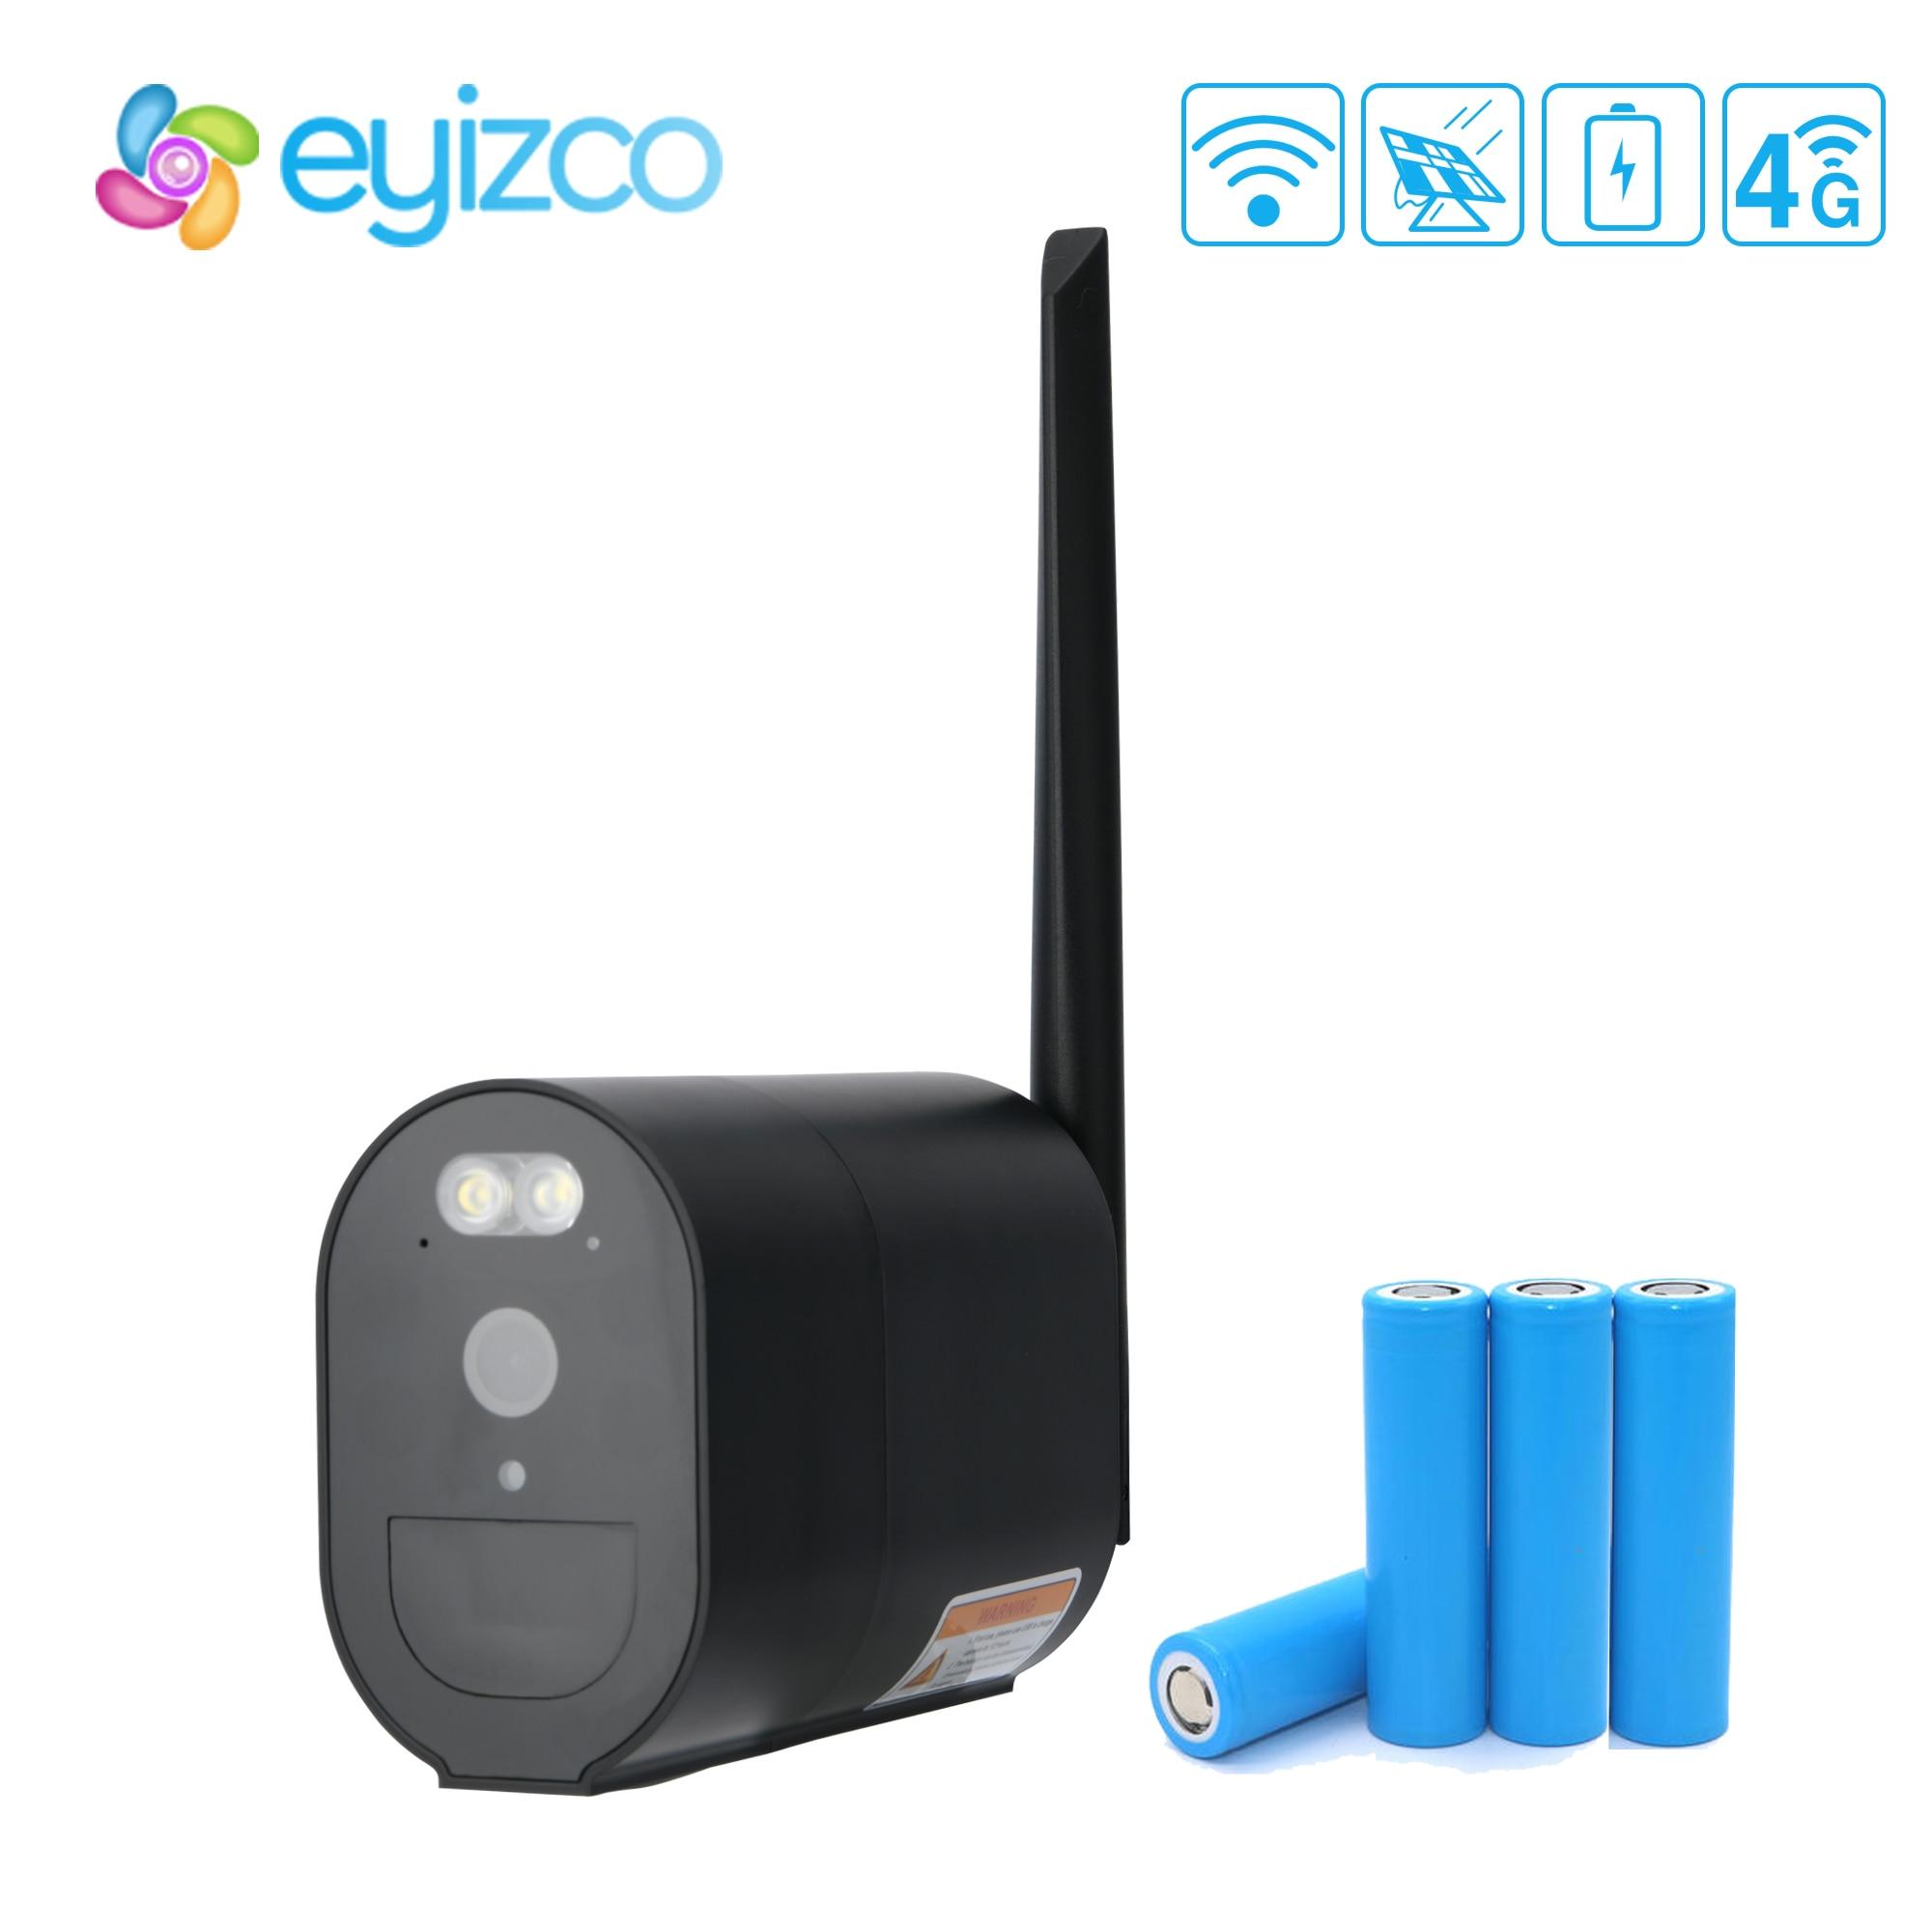 أسود 4G سيم بطاقة IP كاميرا واي فاي في الهواء الطلق Powerd بواسطة 4 واط لوحة طاقة شمسية PIR الحركة بطارية قابلة للشحن كاميرا اللون للرؤية الليلية Ubox